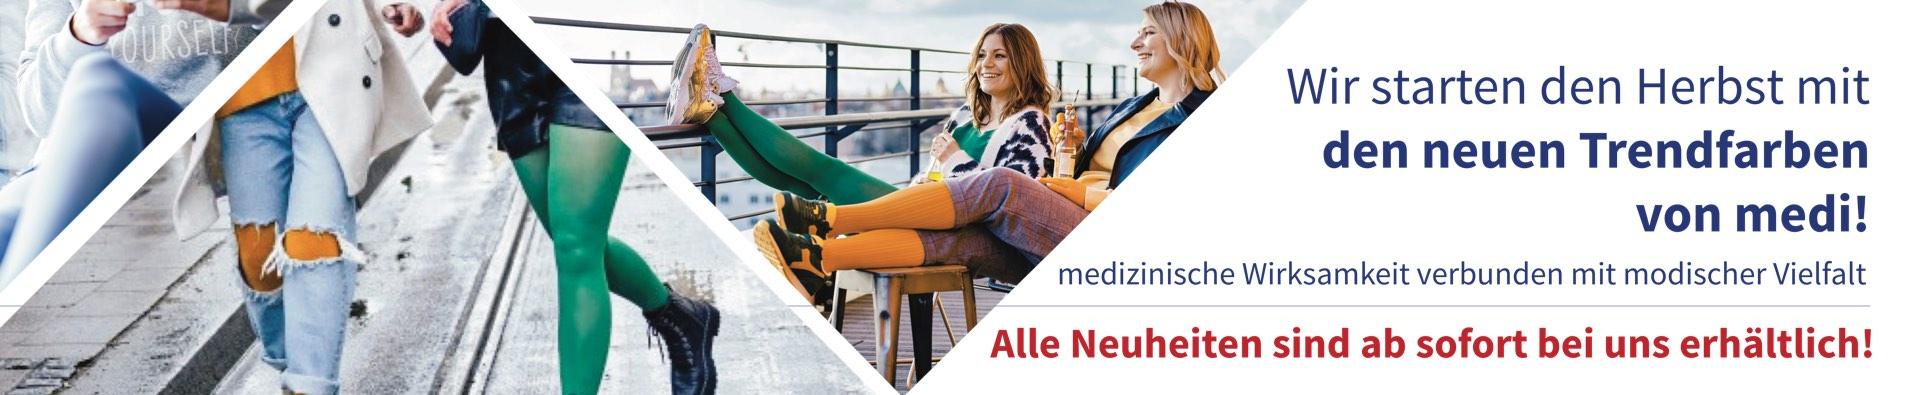 Neue Trendfarben von medi bei Sanitätshaus Deppe in Northeim